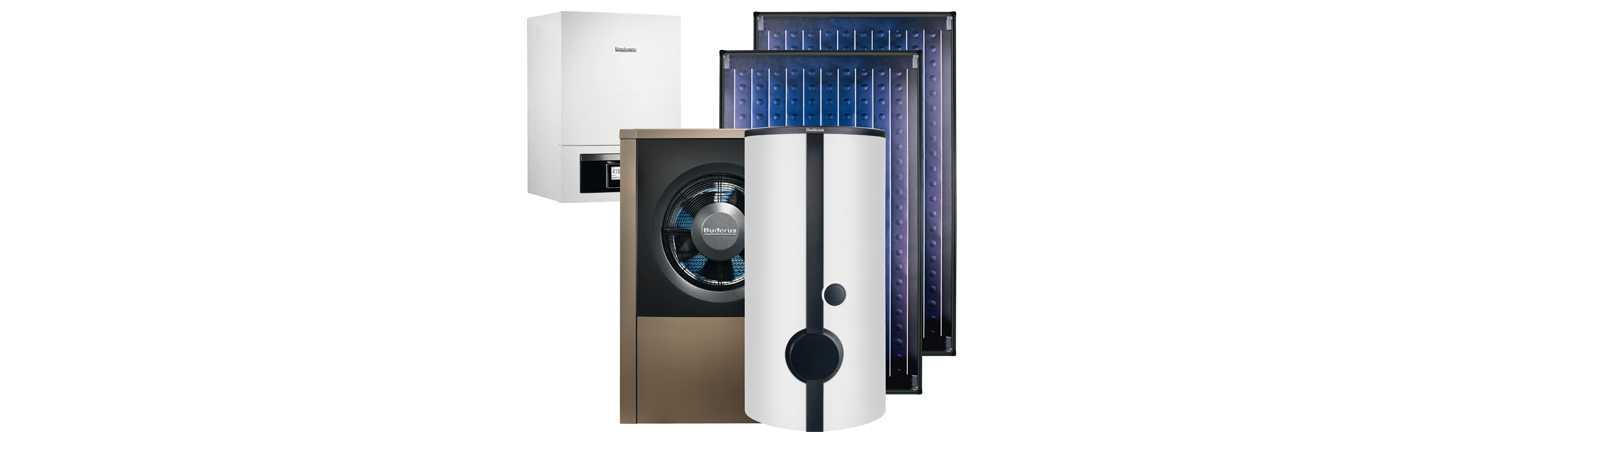 Solar Wärmepumpe: Die ideale Kombination zwischen Solarthermie und Wärmepumpe-Technik